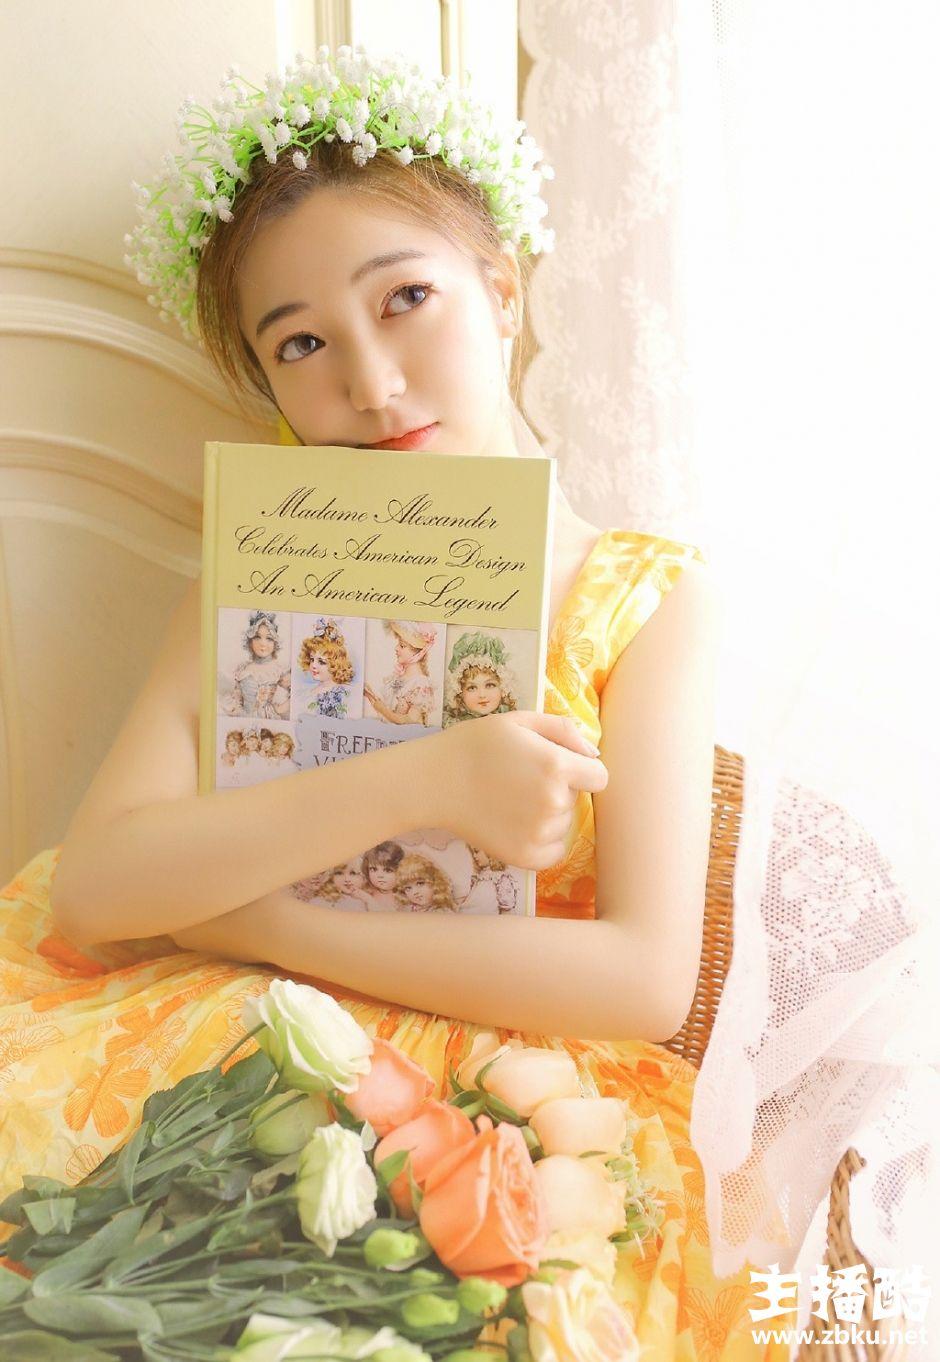 头戴花环美女皮肤水嫩黄色连衣裙露牛奶肌斜眼沉思图片